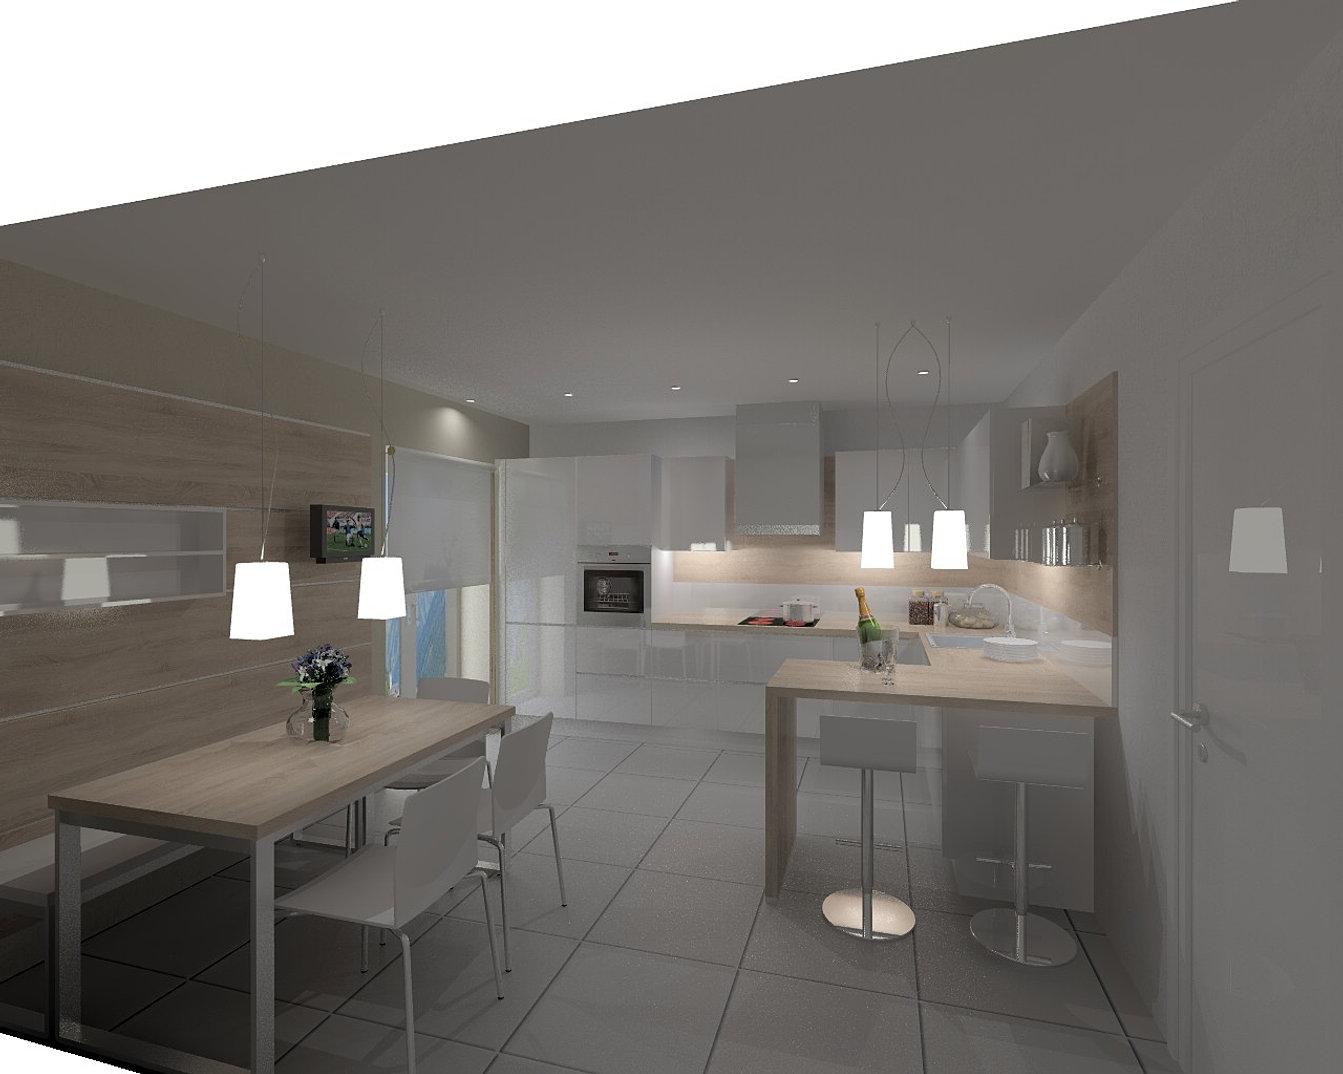 Progettazione Dinterni On Line : Progettazione dinterni on line gratis idee di design per la casa